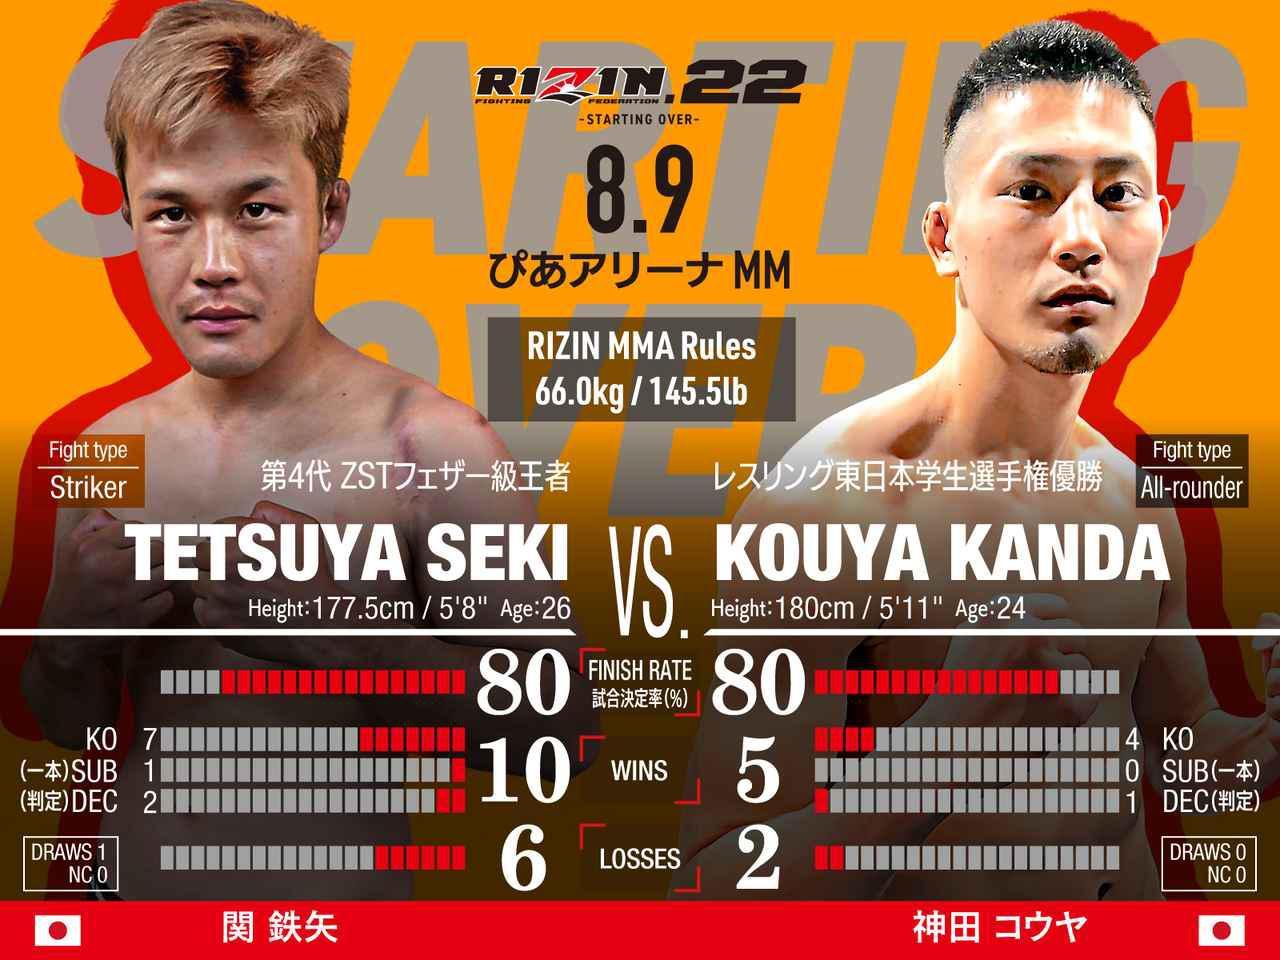 画像: 第3試合/スペシャルワンマッチ 関鉄矢 vs. 神田コウヤ